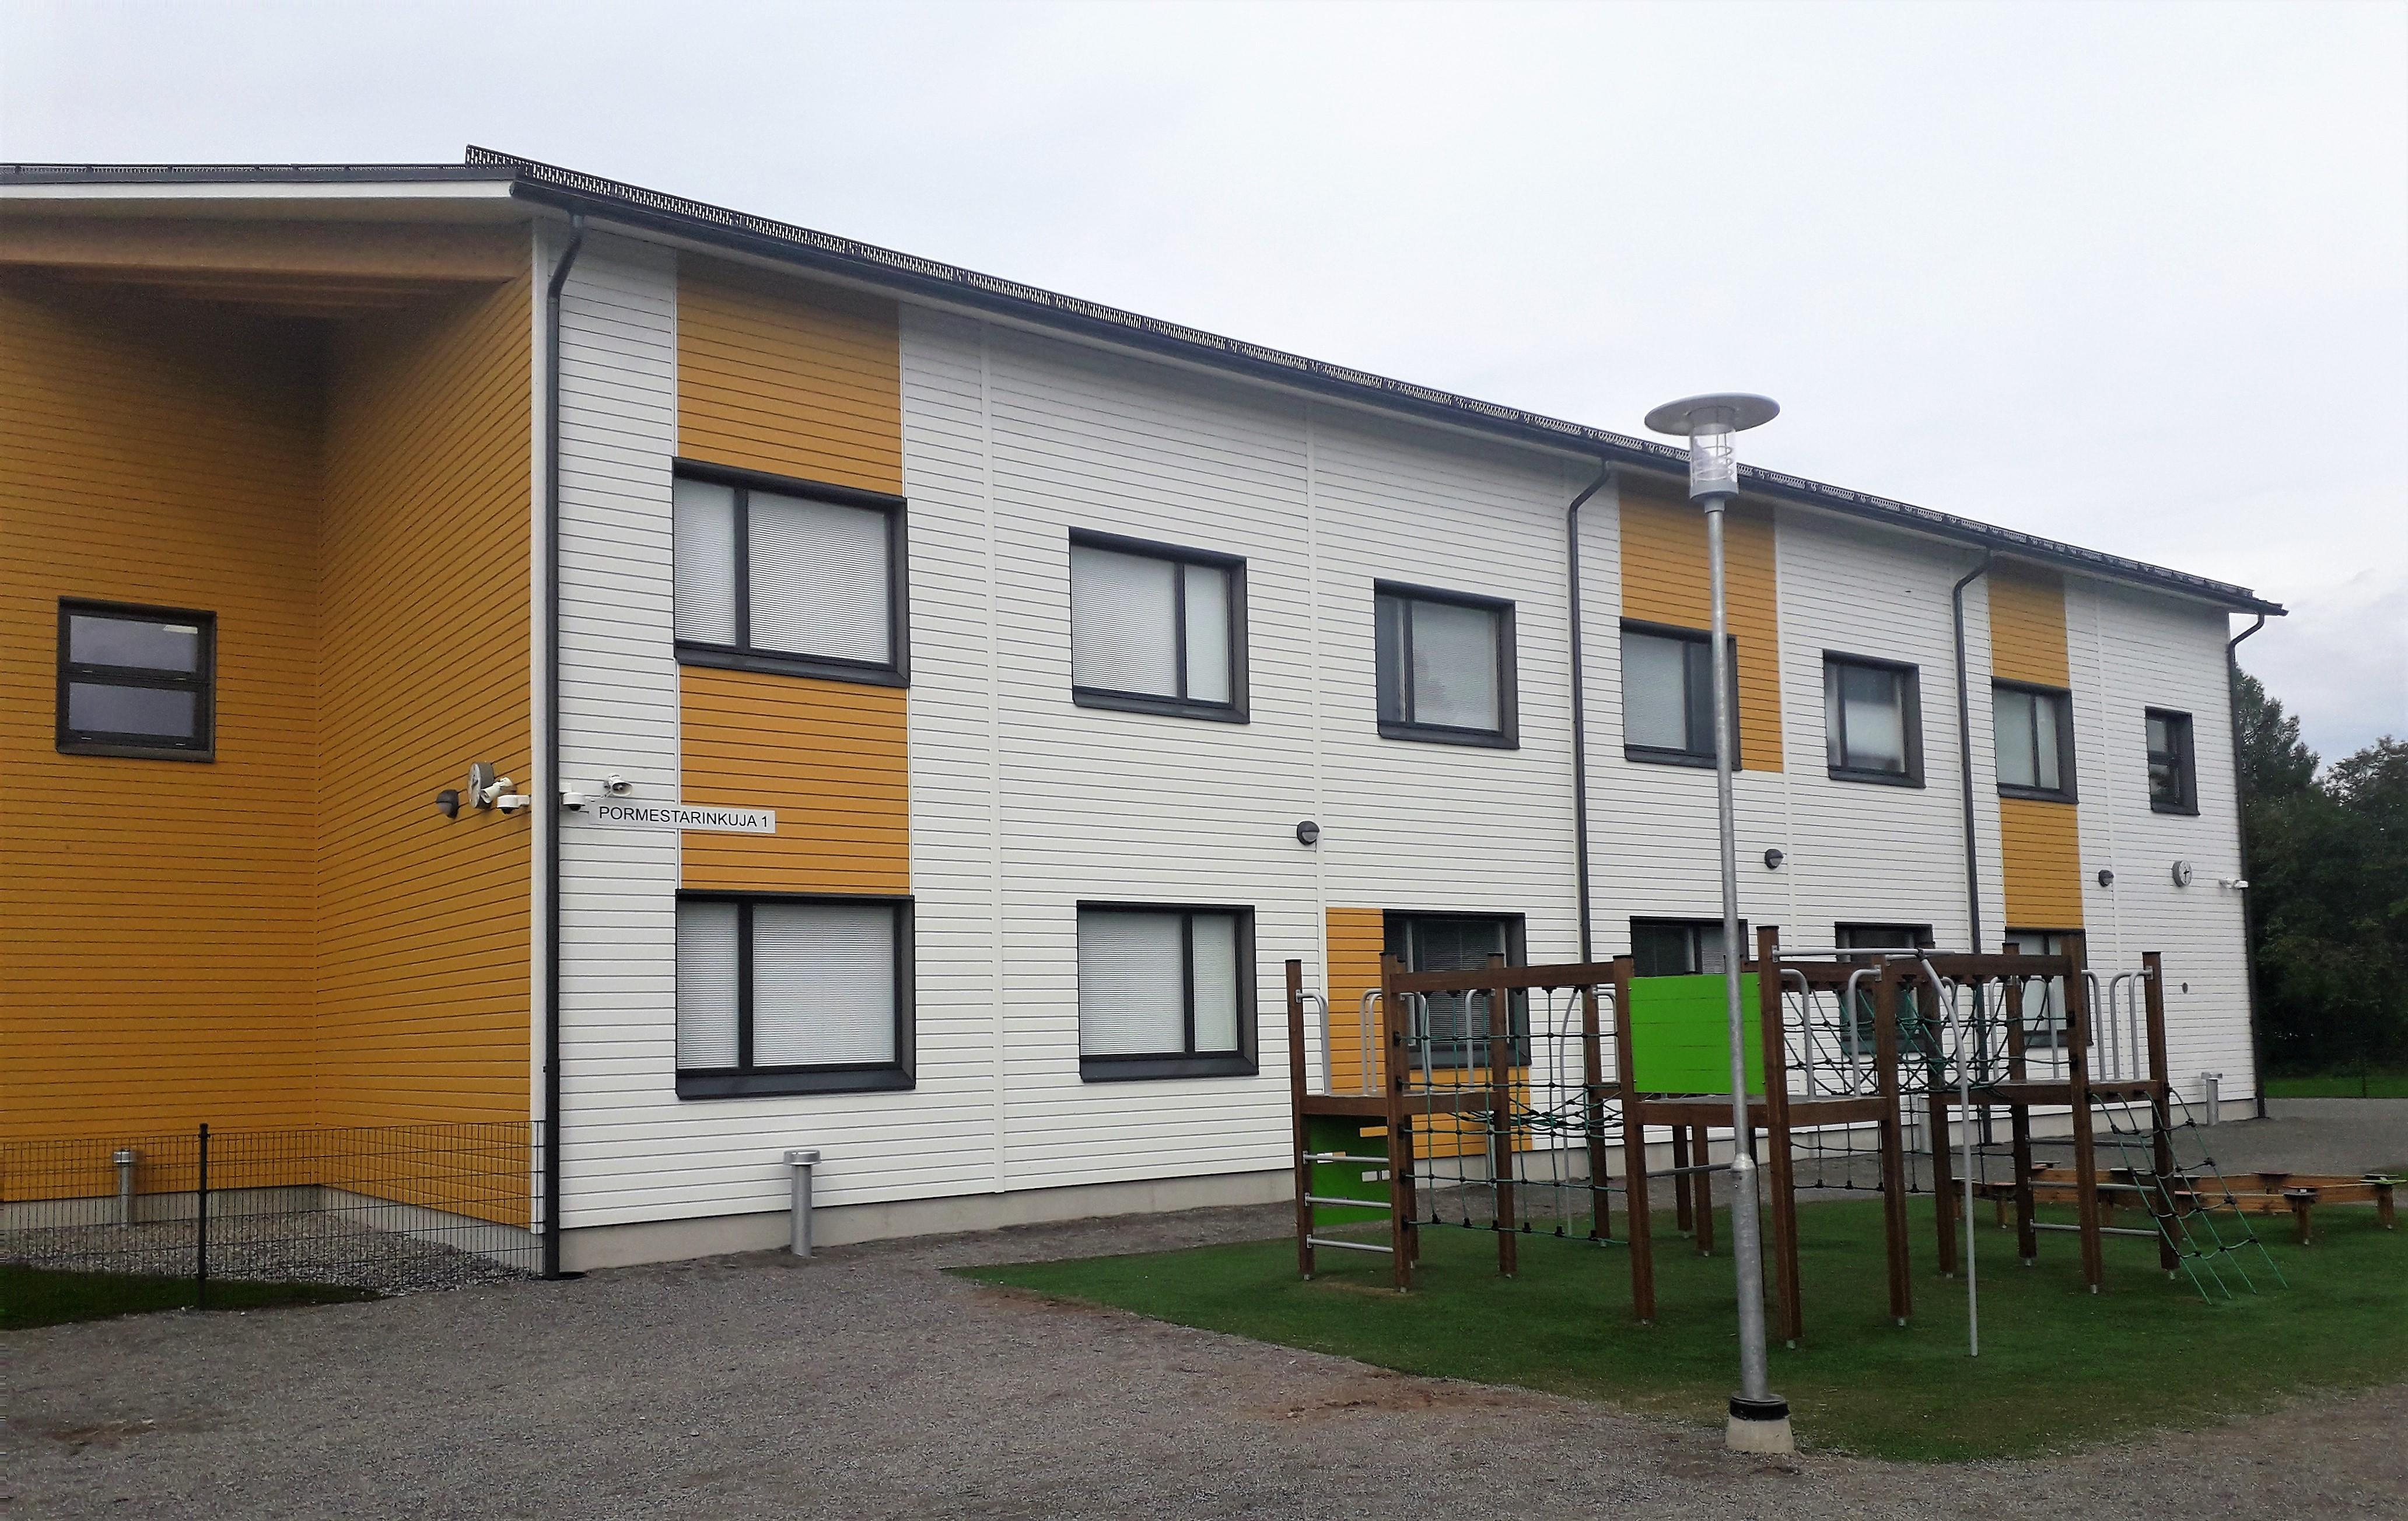 Vihkiäiset ja avoimet ovet 13.9.